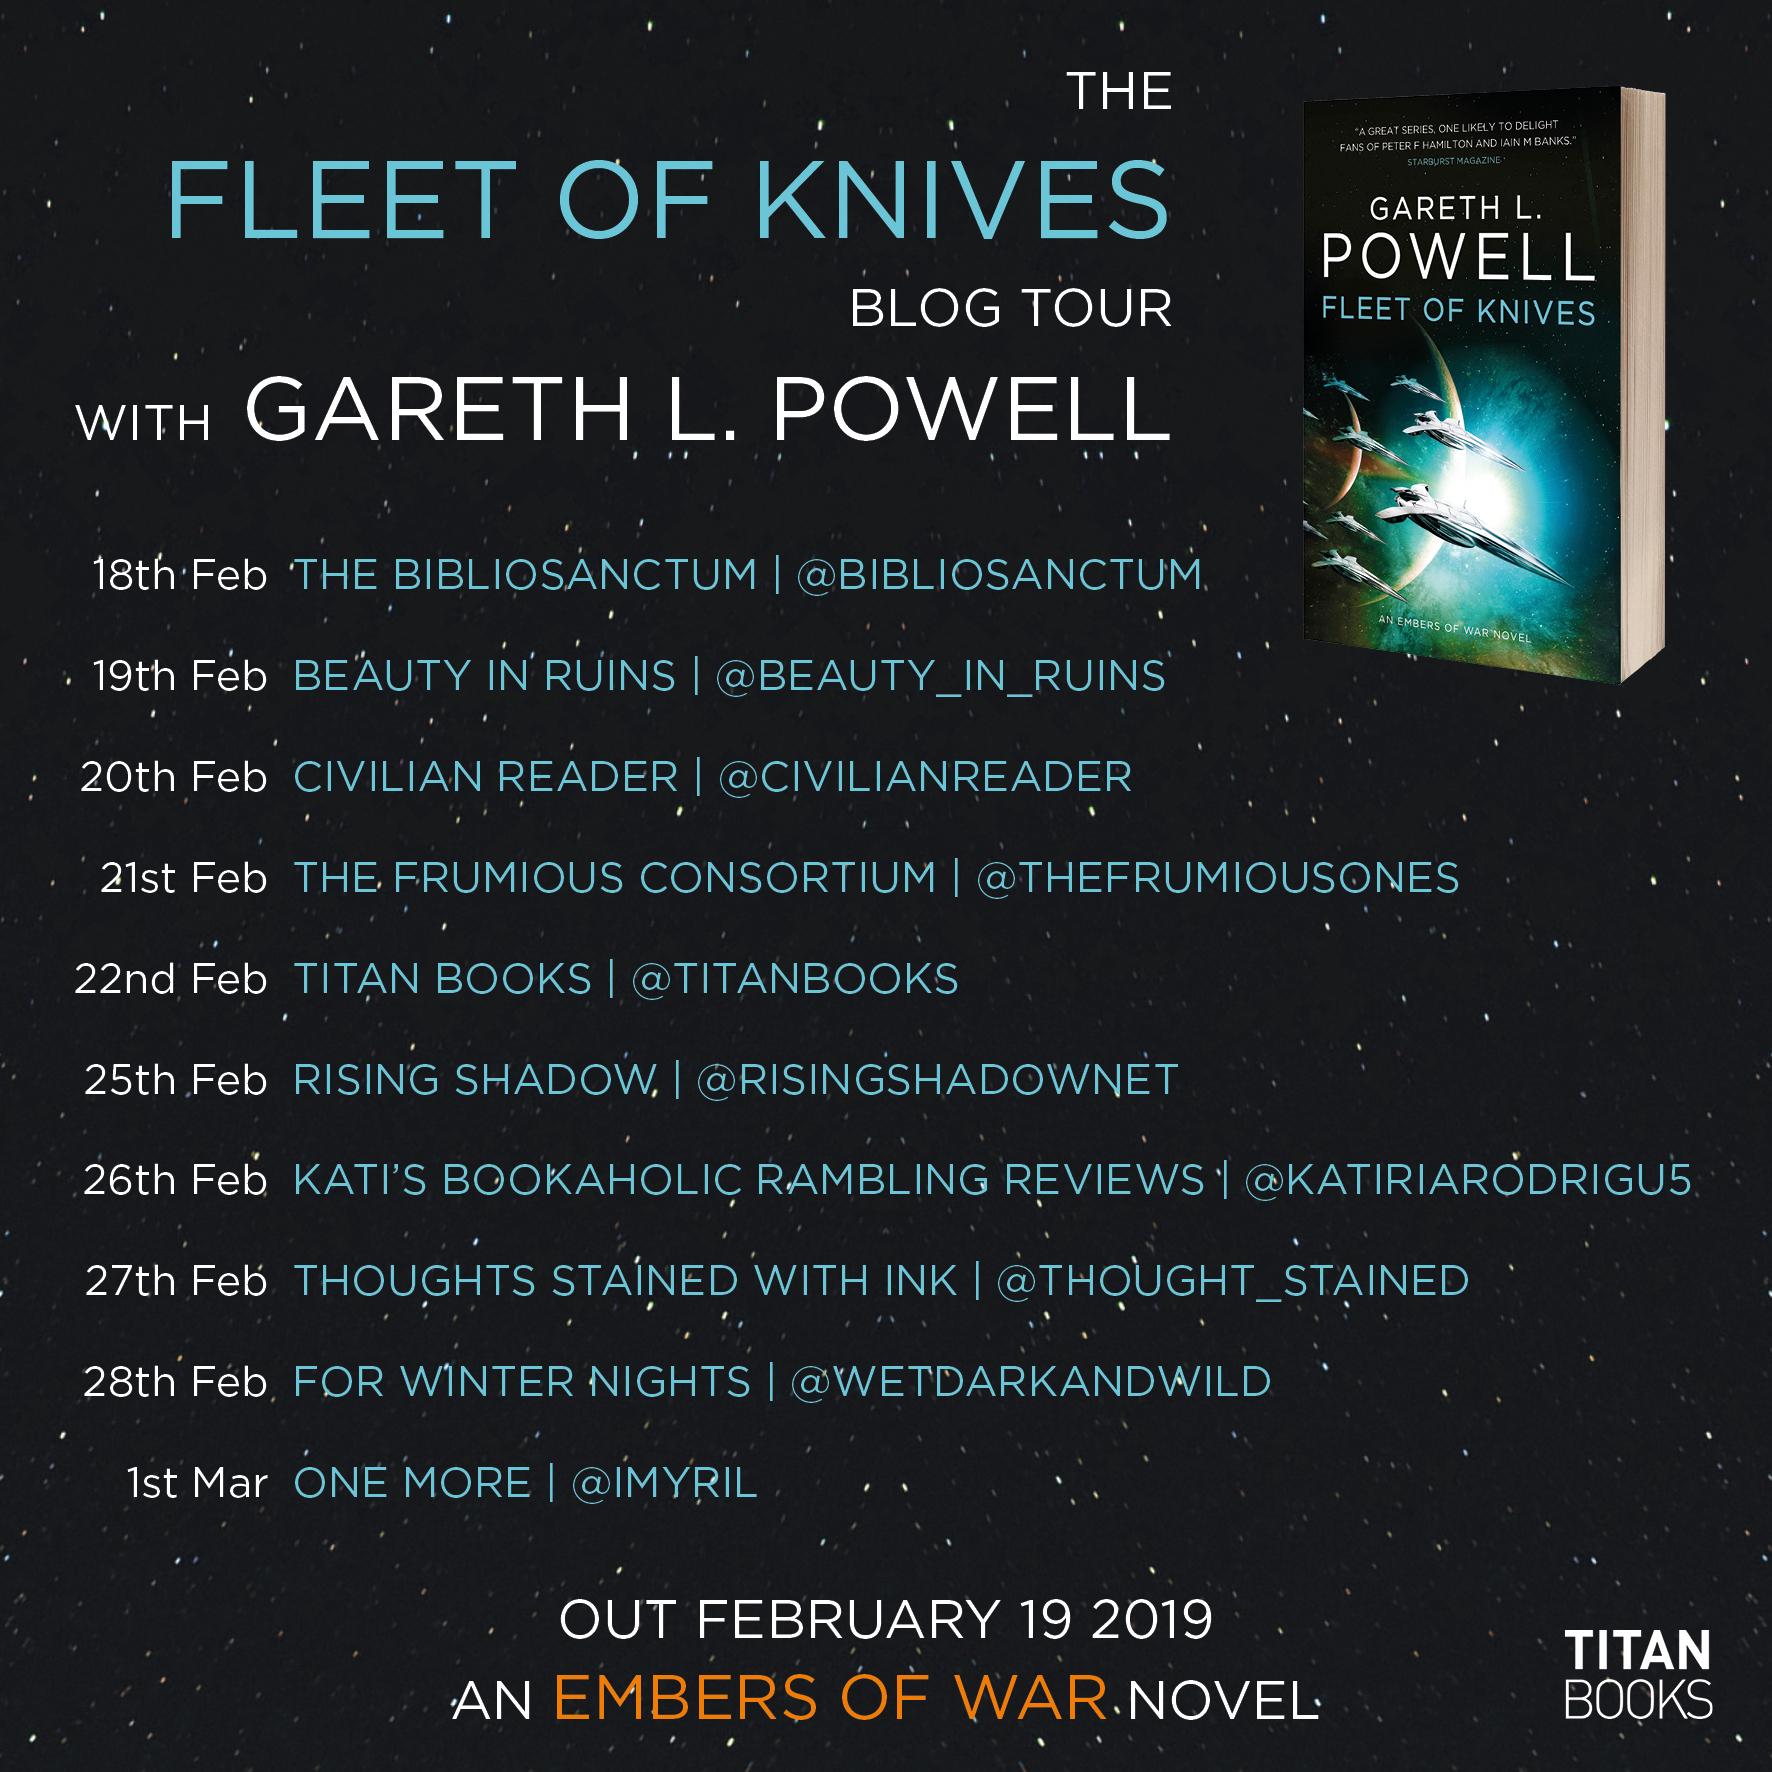 FleetofKnives_bt.jpg